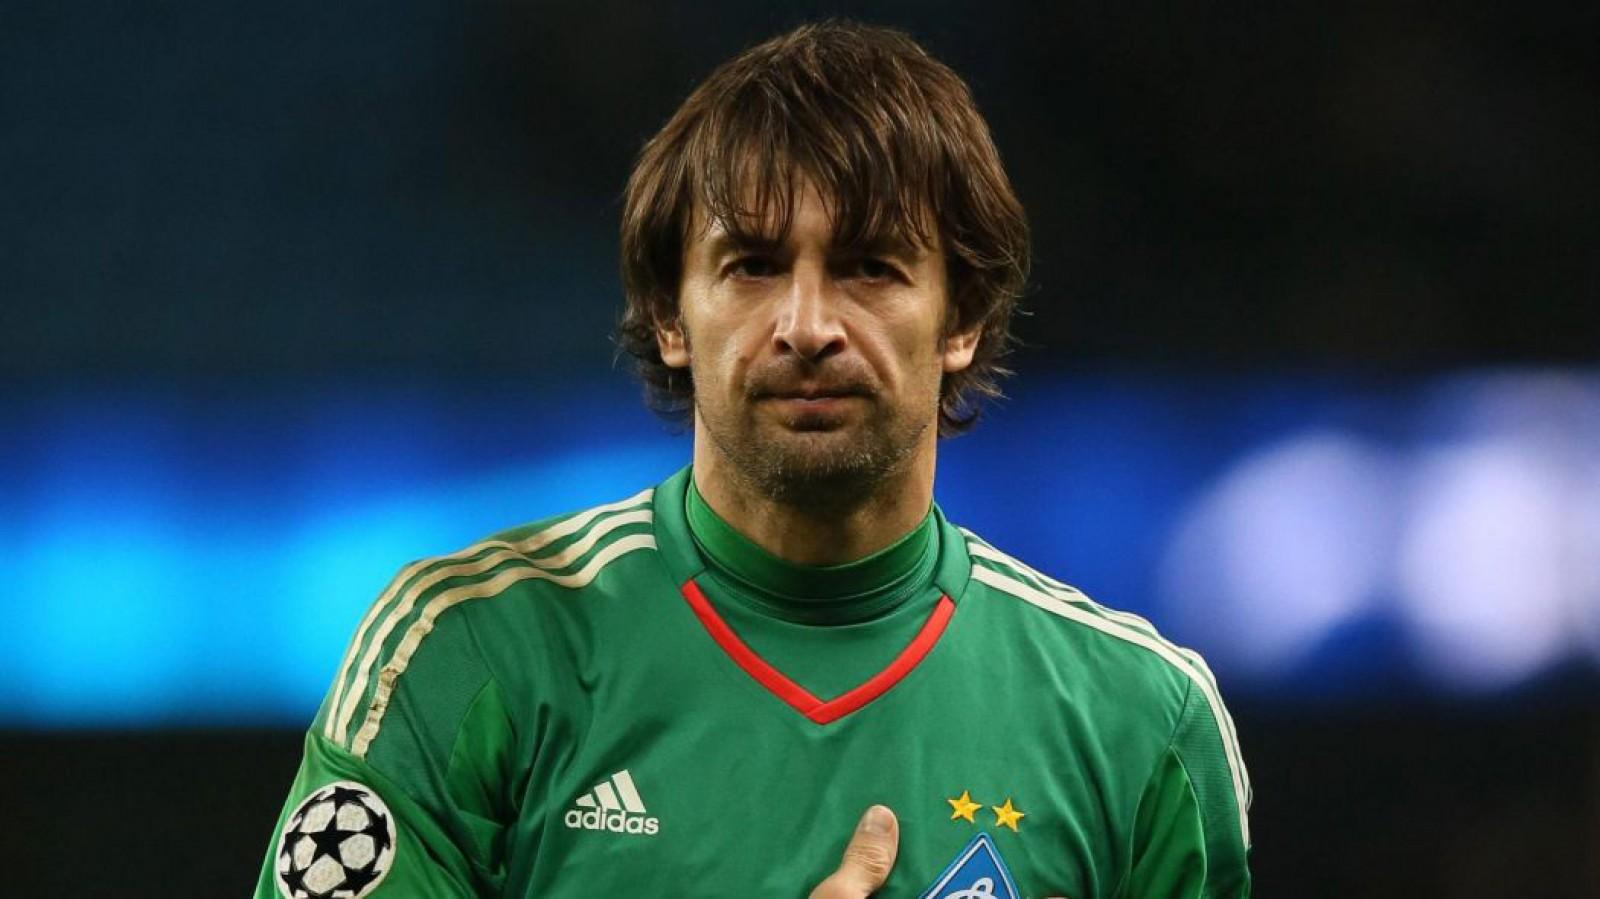 (video) Paște memorabil pentru Oleksandr Shovkovskii! Ex-portarul lui Dynamo Kiev a avut o experiență neplăcută cu fosta soacră